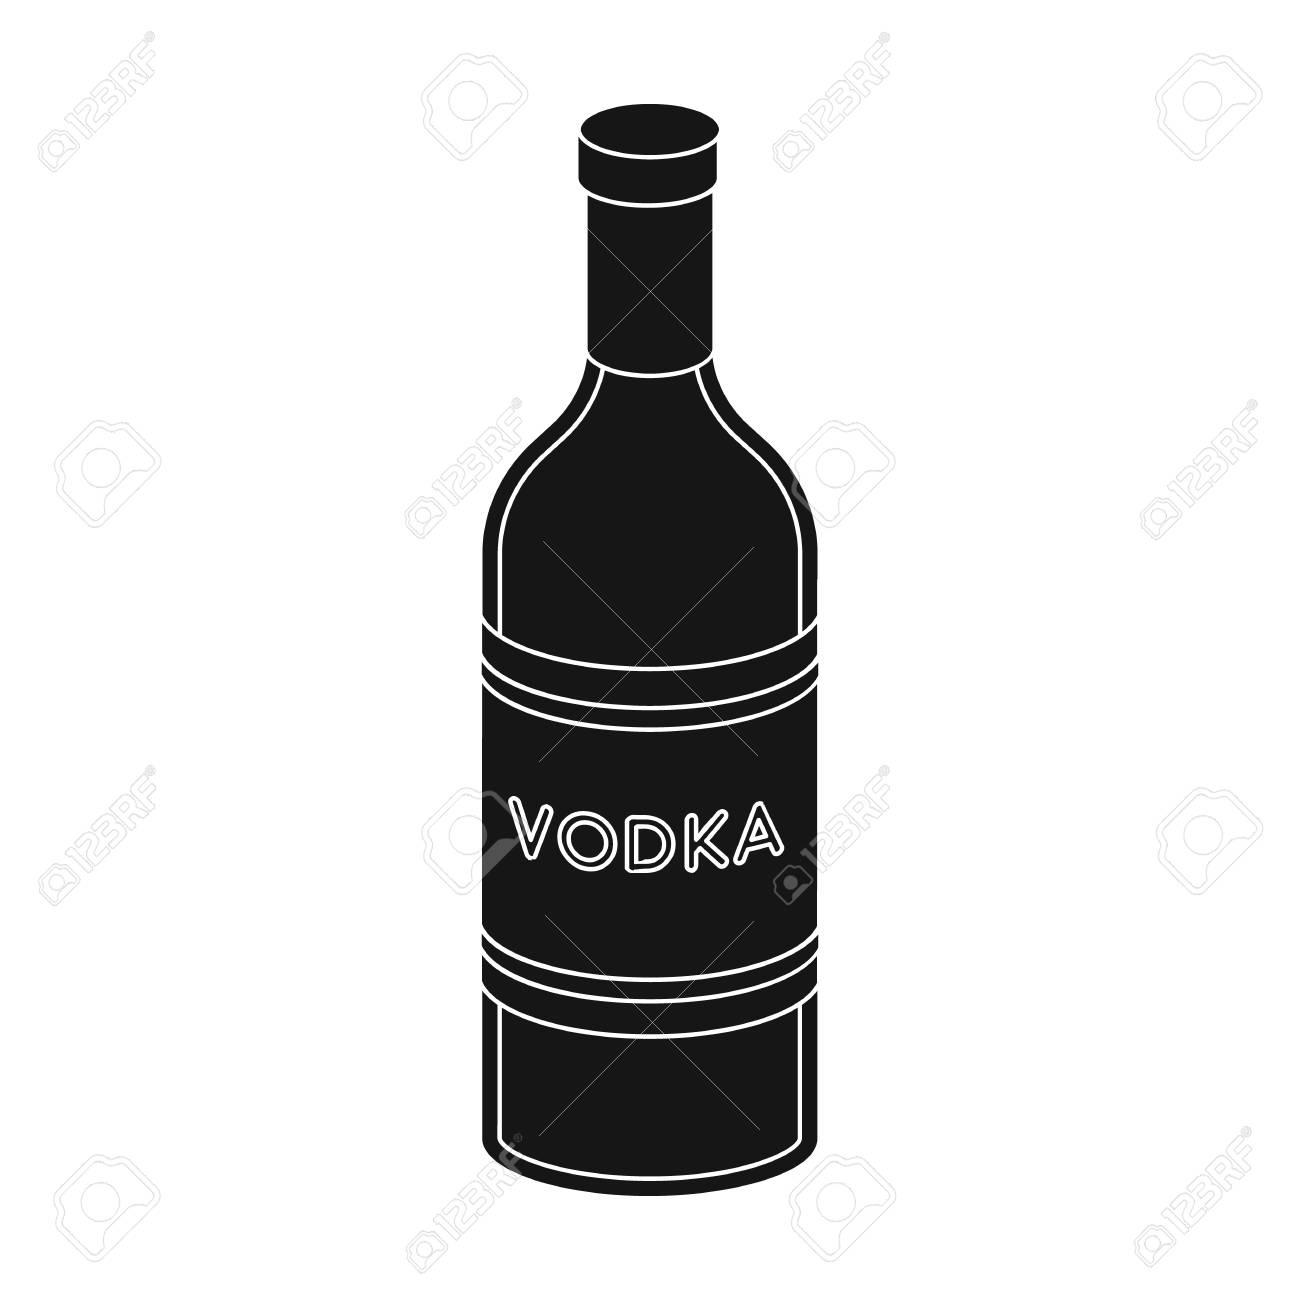 bouteille en verre de vodka icône design noir isolé sur fond blanc. russe  symbole boursier pays illustration vectorielle.